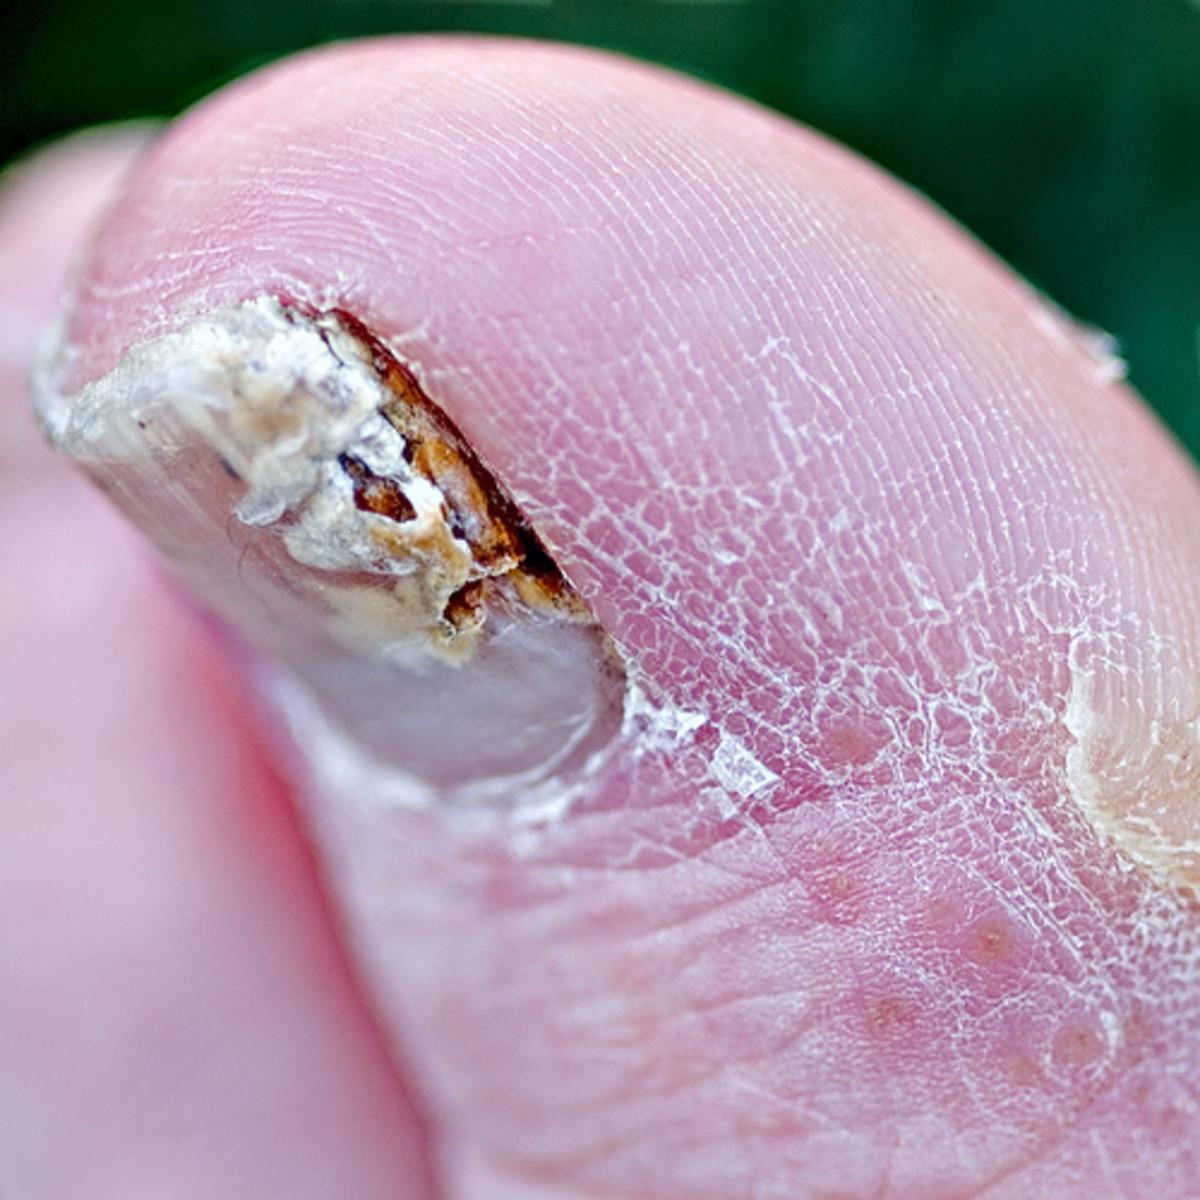 Toenail Fungus: Fusarium Infection